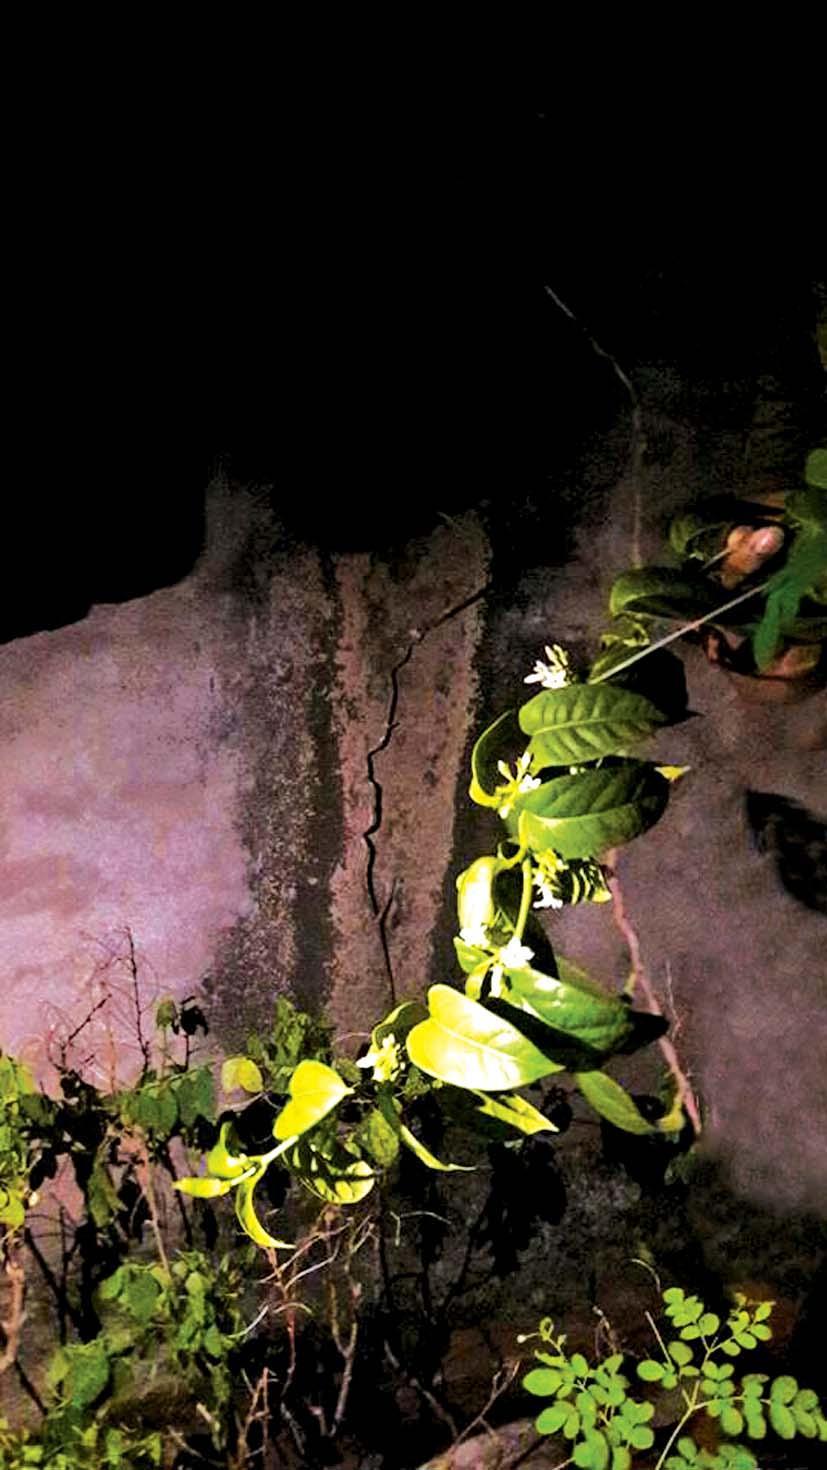 Cây cam thảo Đá Bia lần đầu tiên được kỹ sư Tuyết Anh phát hiện dưới chân đèo Cả